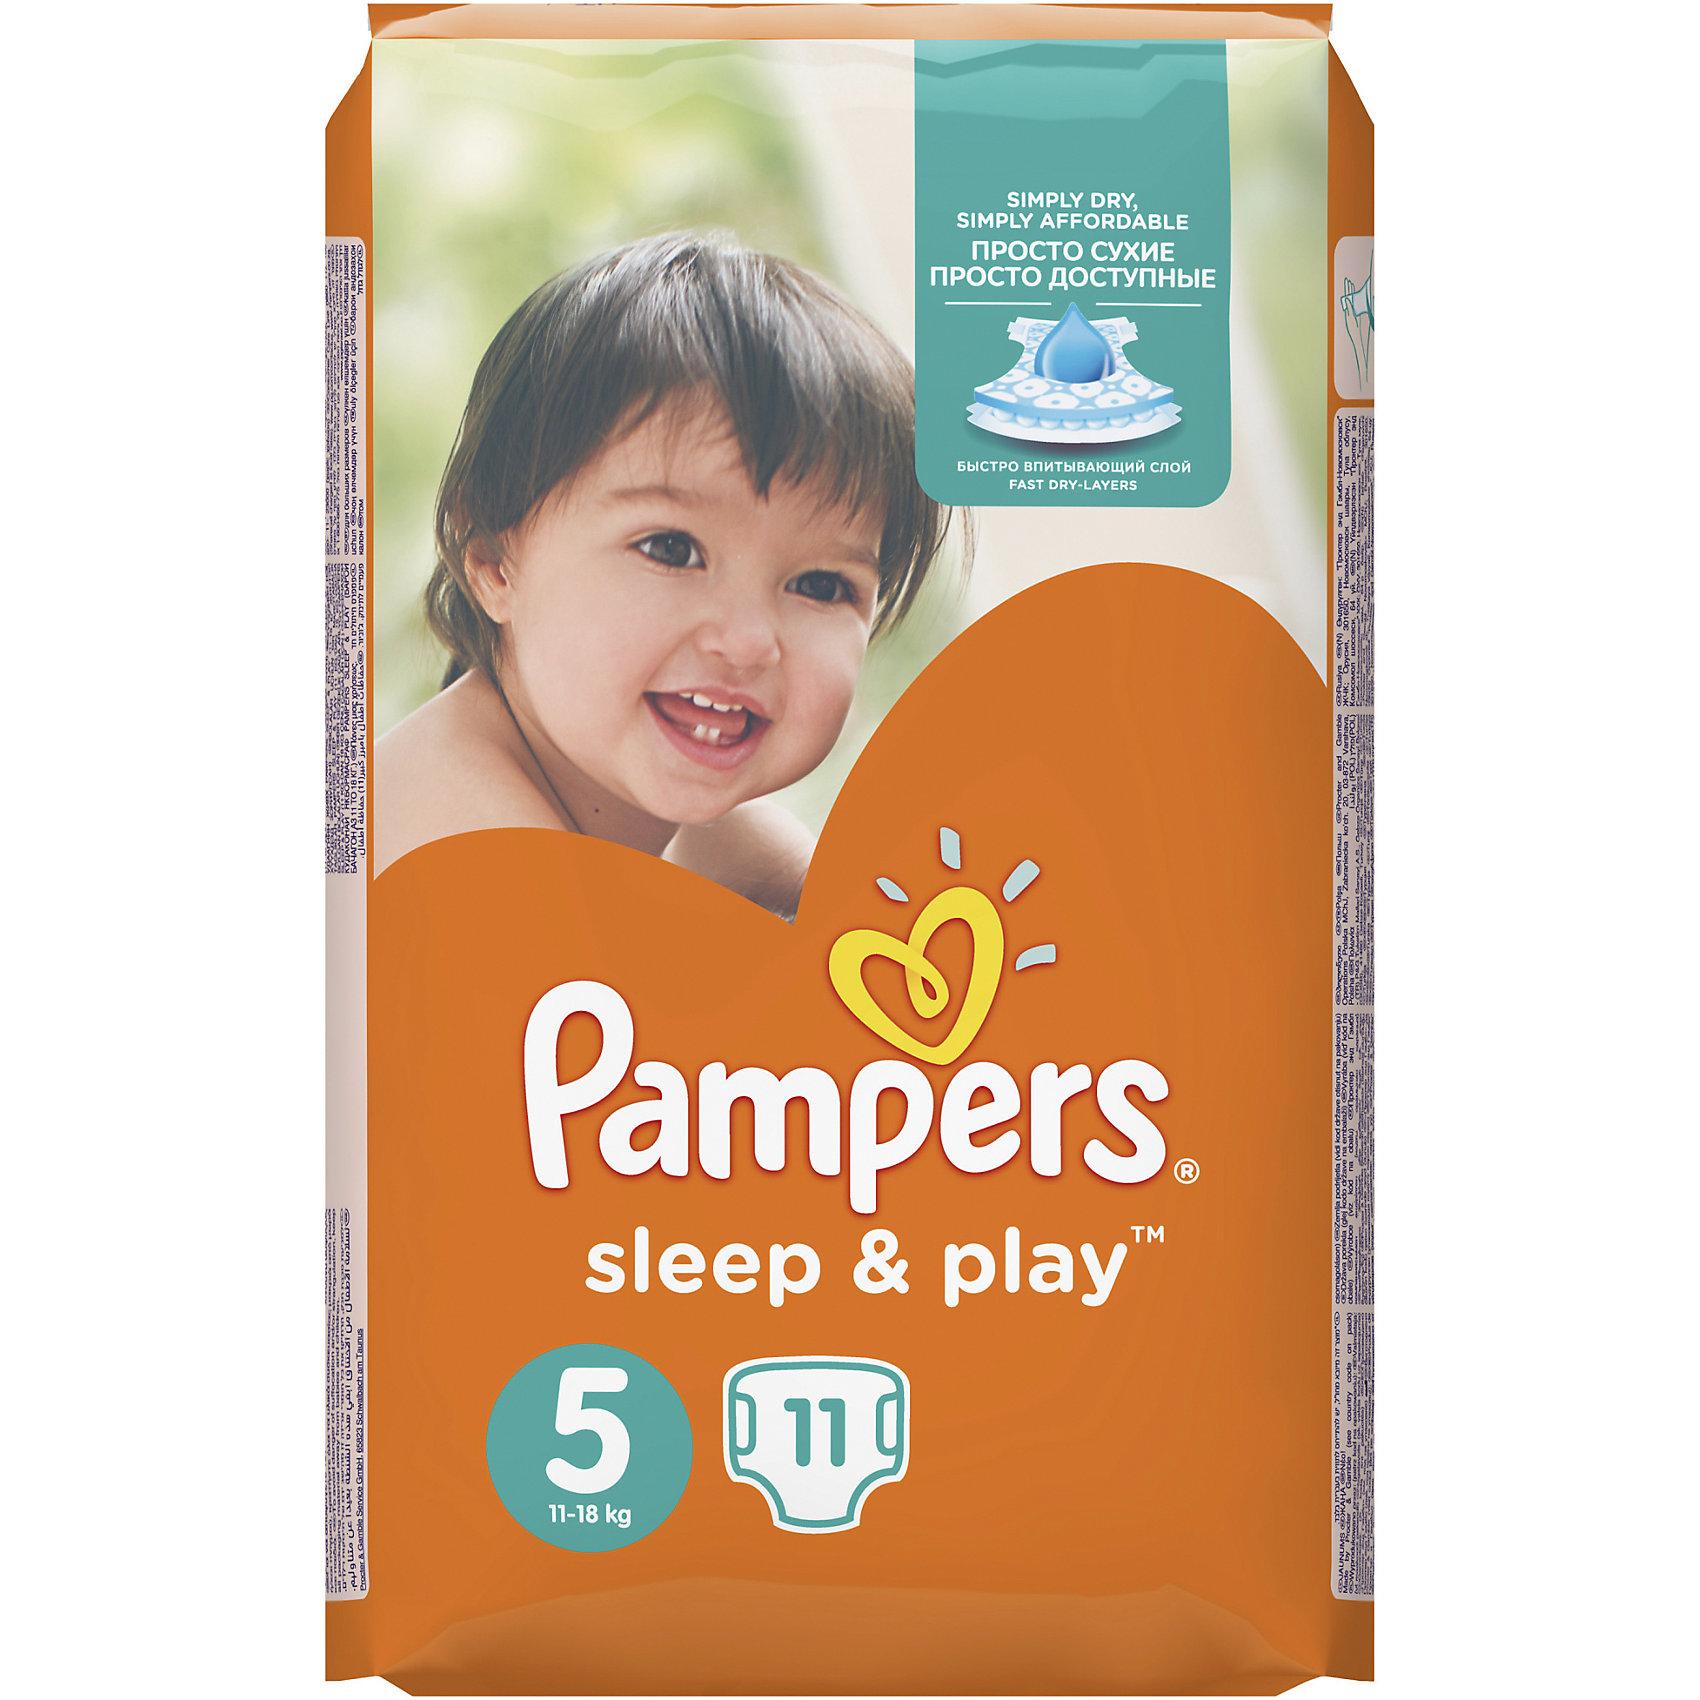 Подгузники Pampers  Sleep &amp; Play Junior, 11-18 кг., 11 шт.Подгузники более 12 кг.<br>Подгузники Pampers Sleep &amp; Play Junior (Памперс слип энд плей), 11-18 кг., 11 шт.     <br><br>Характеристики:<br><br>• быстро впитывают и распределяют влагу<br>• эластичные боковинки<br>• манжеты, предотвращающие протекание<br>• застежки-липучки можно регулировать<br>• яркий дизайн<br>• размер: 11-18 кг<br>• количество: 11 шт.<br>• размер упаковки: 21,3х11х12 см<br>• вес: 330 грамм<br><br>Подгузники Pampers Sleep &amp; Play Junior быстро впитывают влагу и надежно удерживают ее внутри. Эластичные боковинки и манжеты не вызывают раздражения и защищают подгузник от протеканий. Регулируемые застежки-липучки очень удобны в использовании. Вы сможете с легкостью застегнуть подгузник повторно в случае необходимости. С подгузниками Pampers Sleep &amp; Play ваш малыш с комфортом будет играть и развиваться!<br><br>Подгузники Pampers Sleep &amp; Play Junior (Памперс слип энд плей), 11-18 кг., 11 шт. можно купить в нашем интернет-магазине.<br><br>Ширина мм: 120<br>Глубина мм: 110<br>Высота мм: 213<br>Вес г: 330<br>Возраст от месяцев: 12<br>Возраст до месяцев: 36<br>Пол: Унисекс<br>Возраст: Детский<br>SKU: 5423656